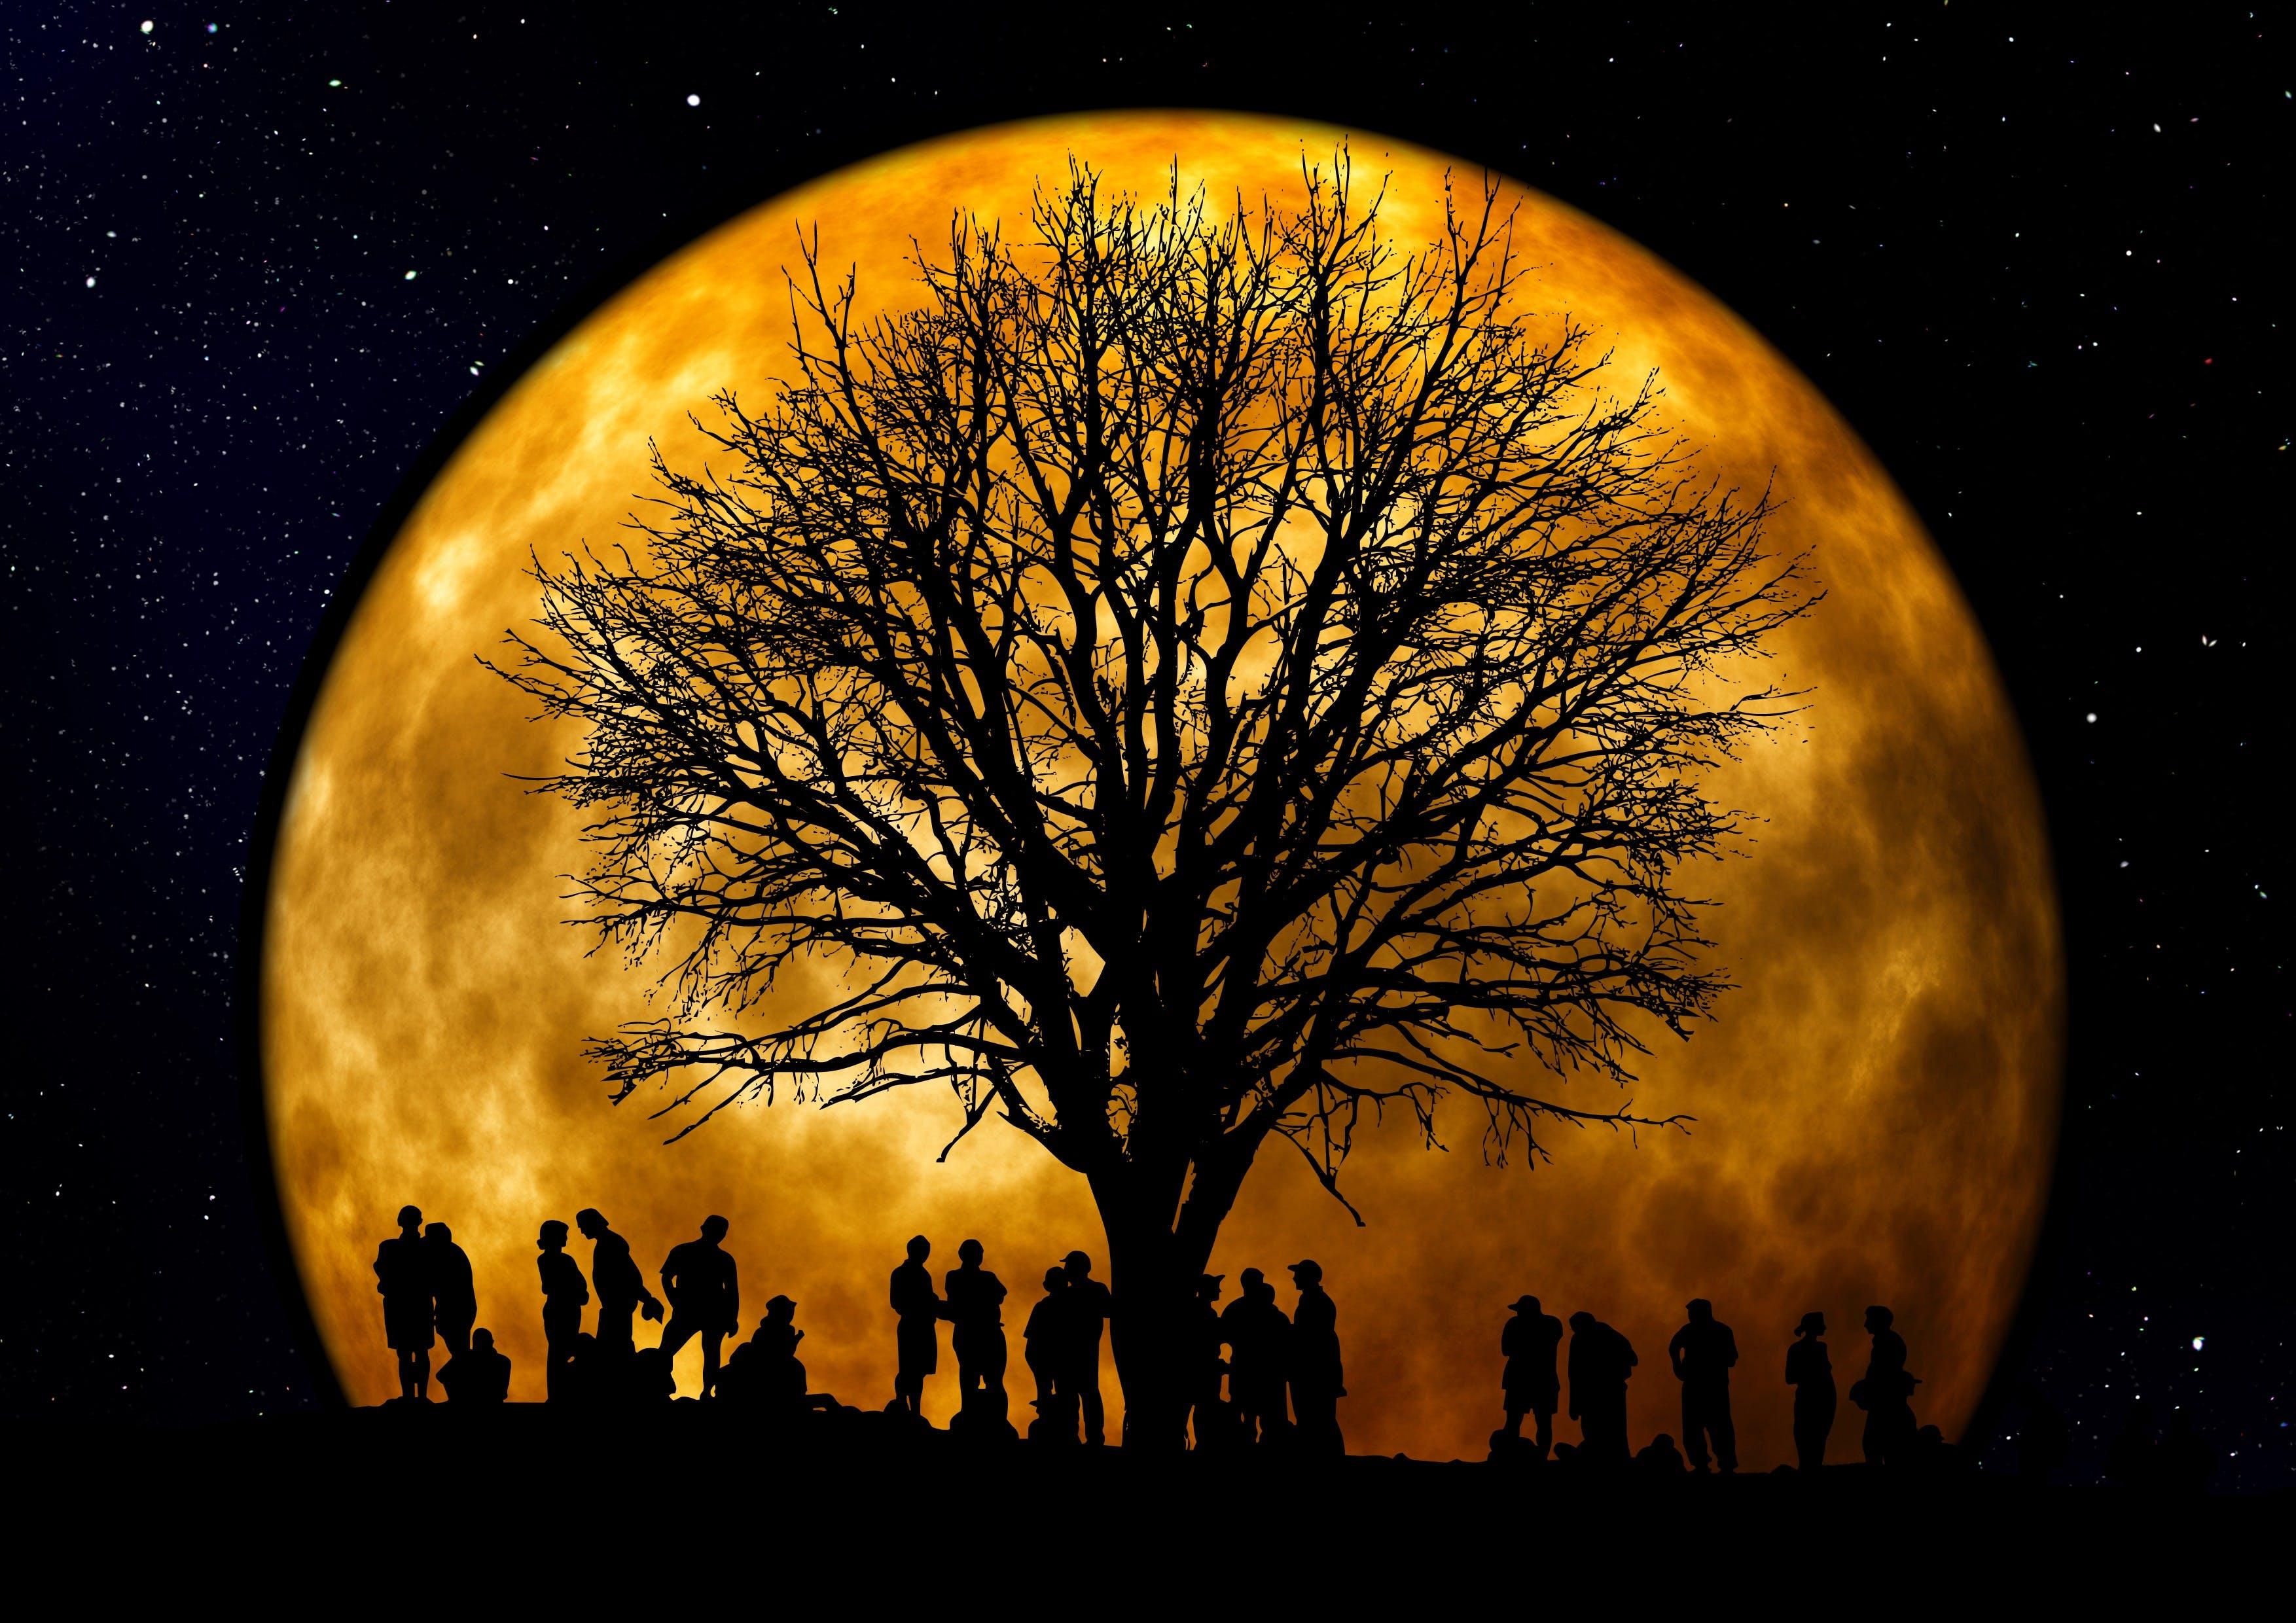 Free stock photo of people, night, dark, silhouette